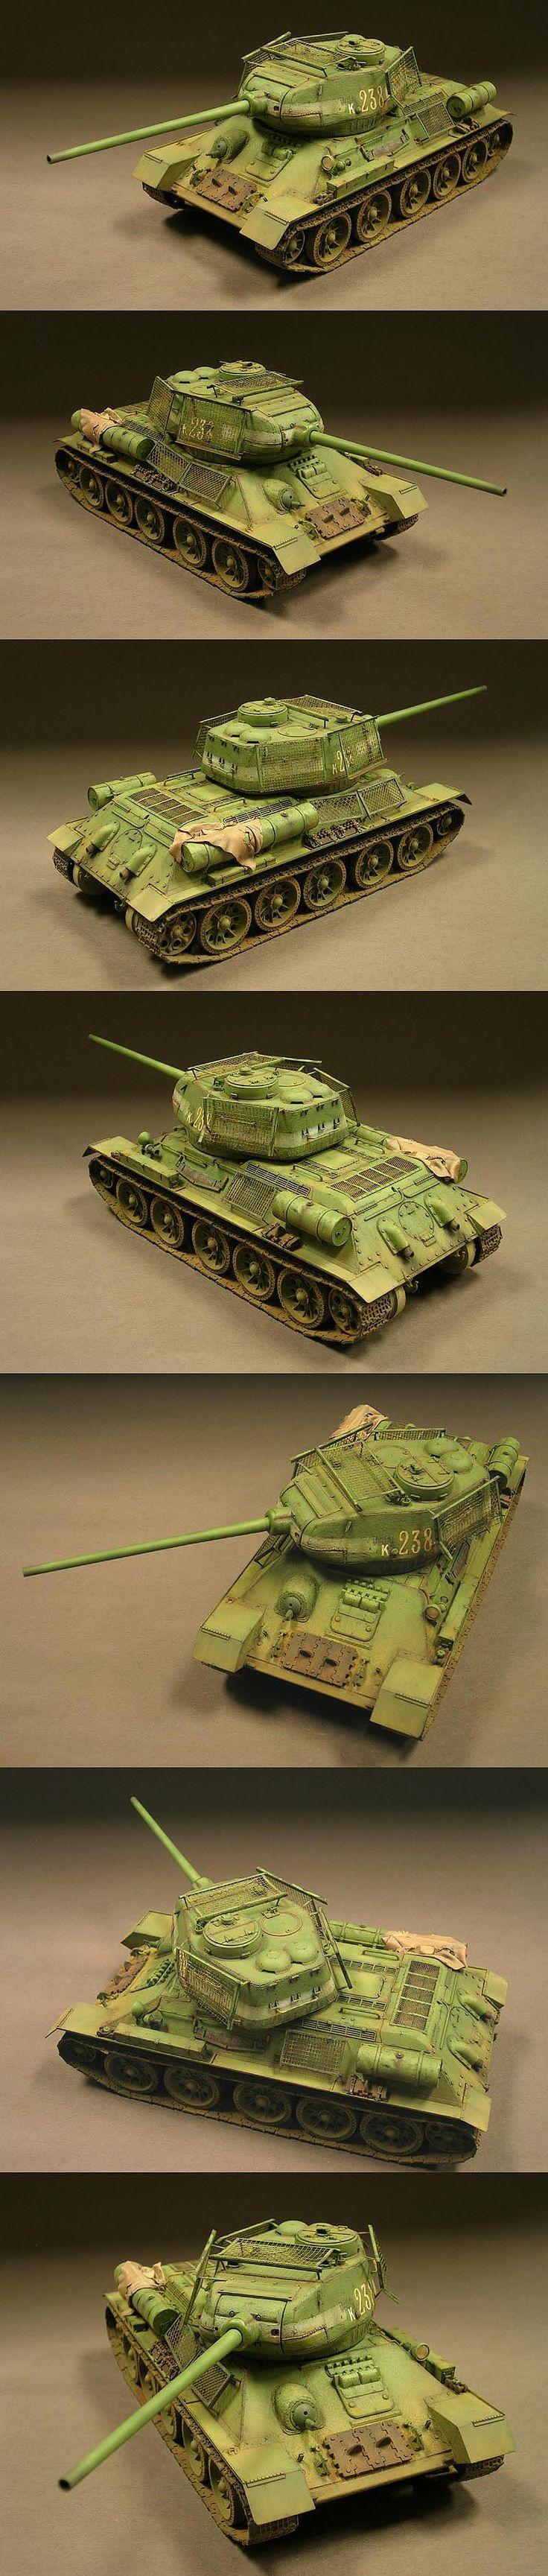 Russian T34/85 1/35 Scale Model